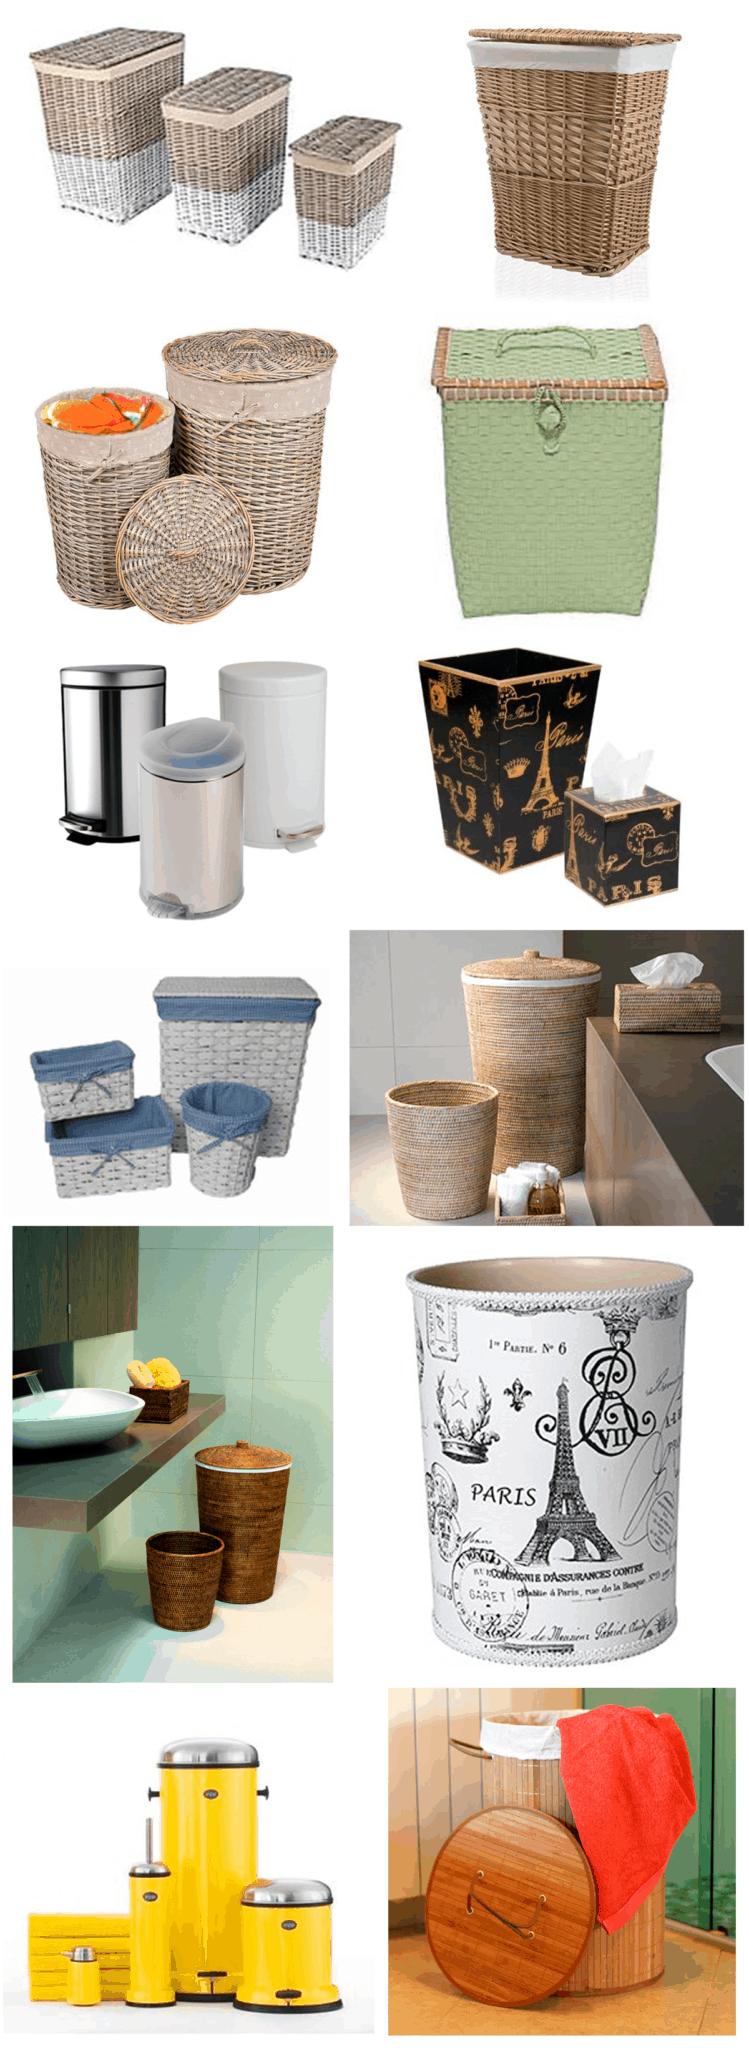 dica-dar-vida-nova-banheiro-cesto-lixo